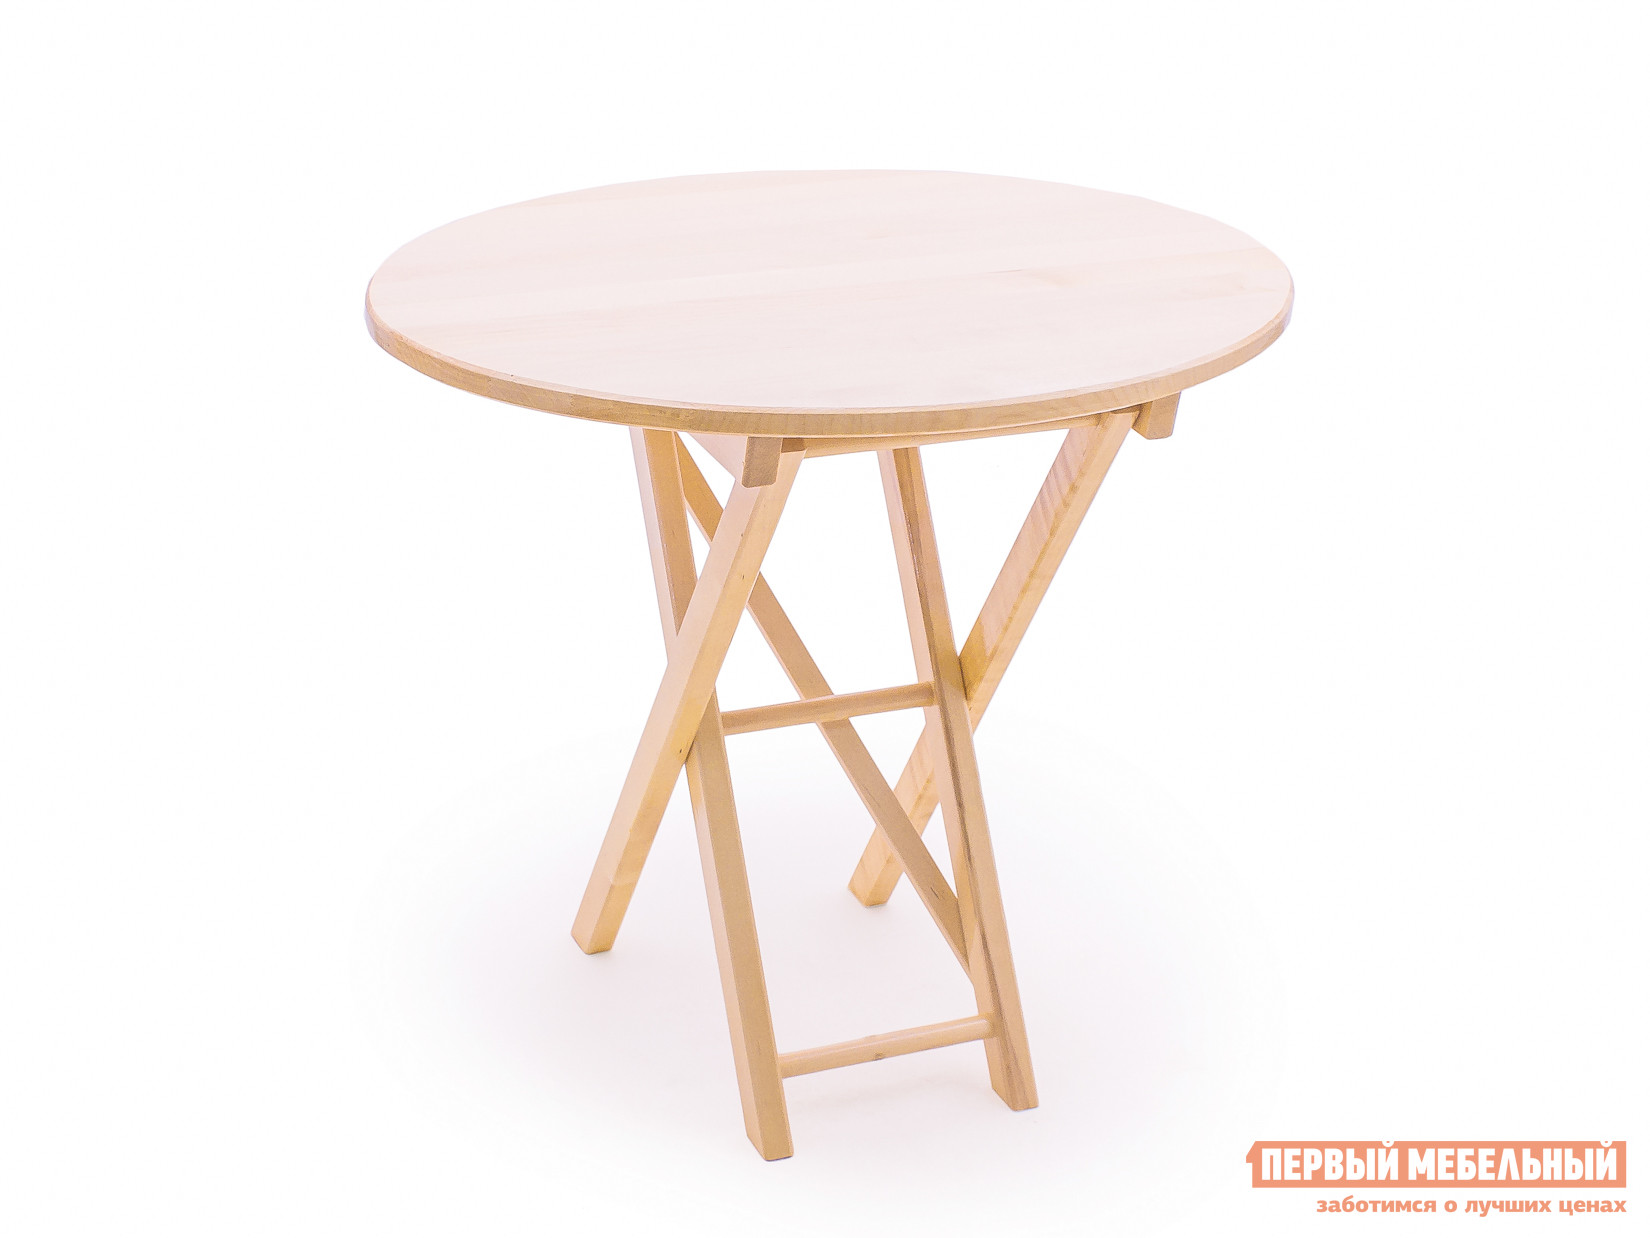 Садовый стол СМКА СМ049Б Береза, 750 ммСадовые столы<br>Габаритные размеры ВхШхГ 650 / 750x720x520 мм. Складной овальный столик для сада Мирослав СМ049Б.  Замечательный вариант для террасы или лужайки на даче.  Он подойдет для небольшого перекуса или чаепития. Стол полностью выполнен из массива березы, поверхность которого покрыта влагостойким лаком. На выбор представлены два варианта высоты стола:650 мм;750 мм. В сложенном виде стол имеет максимальный размер 840х80х520 мм.  Благодаря небольшому весу — 8 кг — стол можно брать с собой в поездки. Предлагаем вам также ознакомиться с ассортиментом деревянных стульев, табуретов и кресел.<br><br>Цвет: Светлое дерево<br>Высота мм: 650 / 750<br>Ширина мм: 720<br>Глубина мм: 520<br>Кол-во упаковок: 1<br>Форма поставки: В собранном виде<br>Срок гарантии: 1 год<br>Тип: Раскладные<br>Тип: Трансформер<br>Тип: Обеденные<br>Материал: Массив дерева<br>Порода дерева: Береза<br>Форма: Овальные<br>Размер: Маленькие